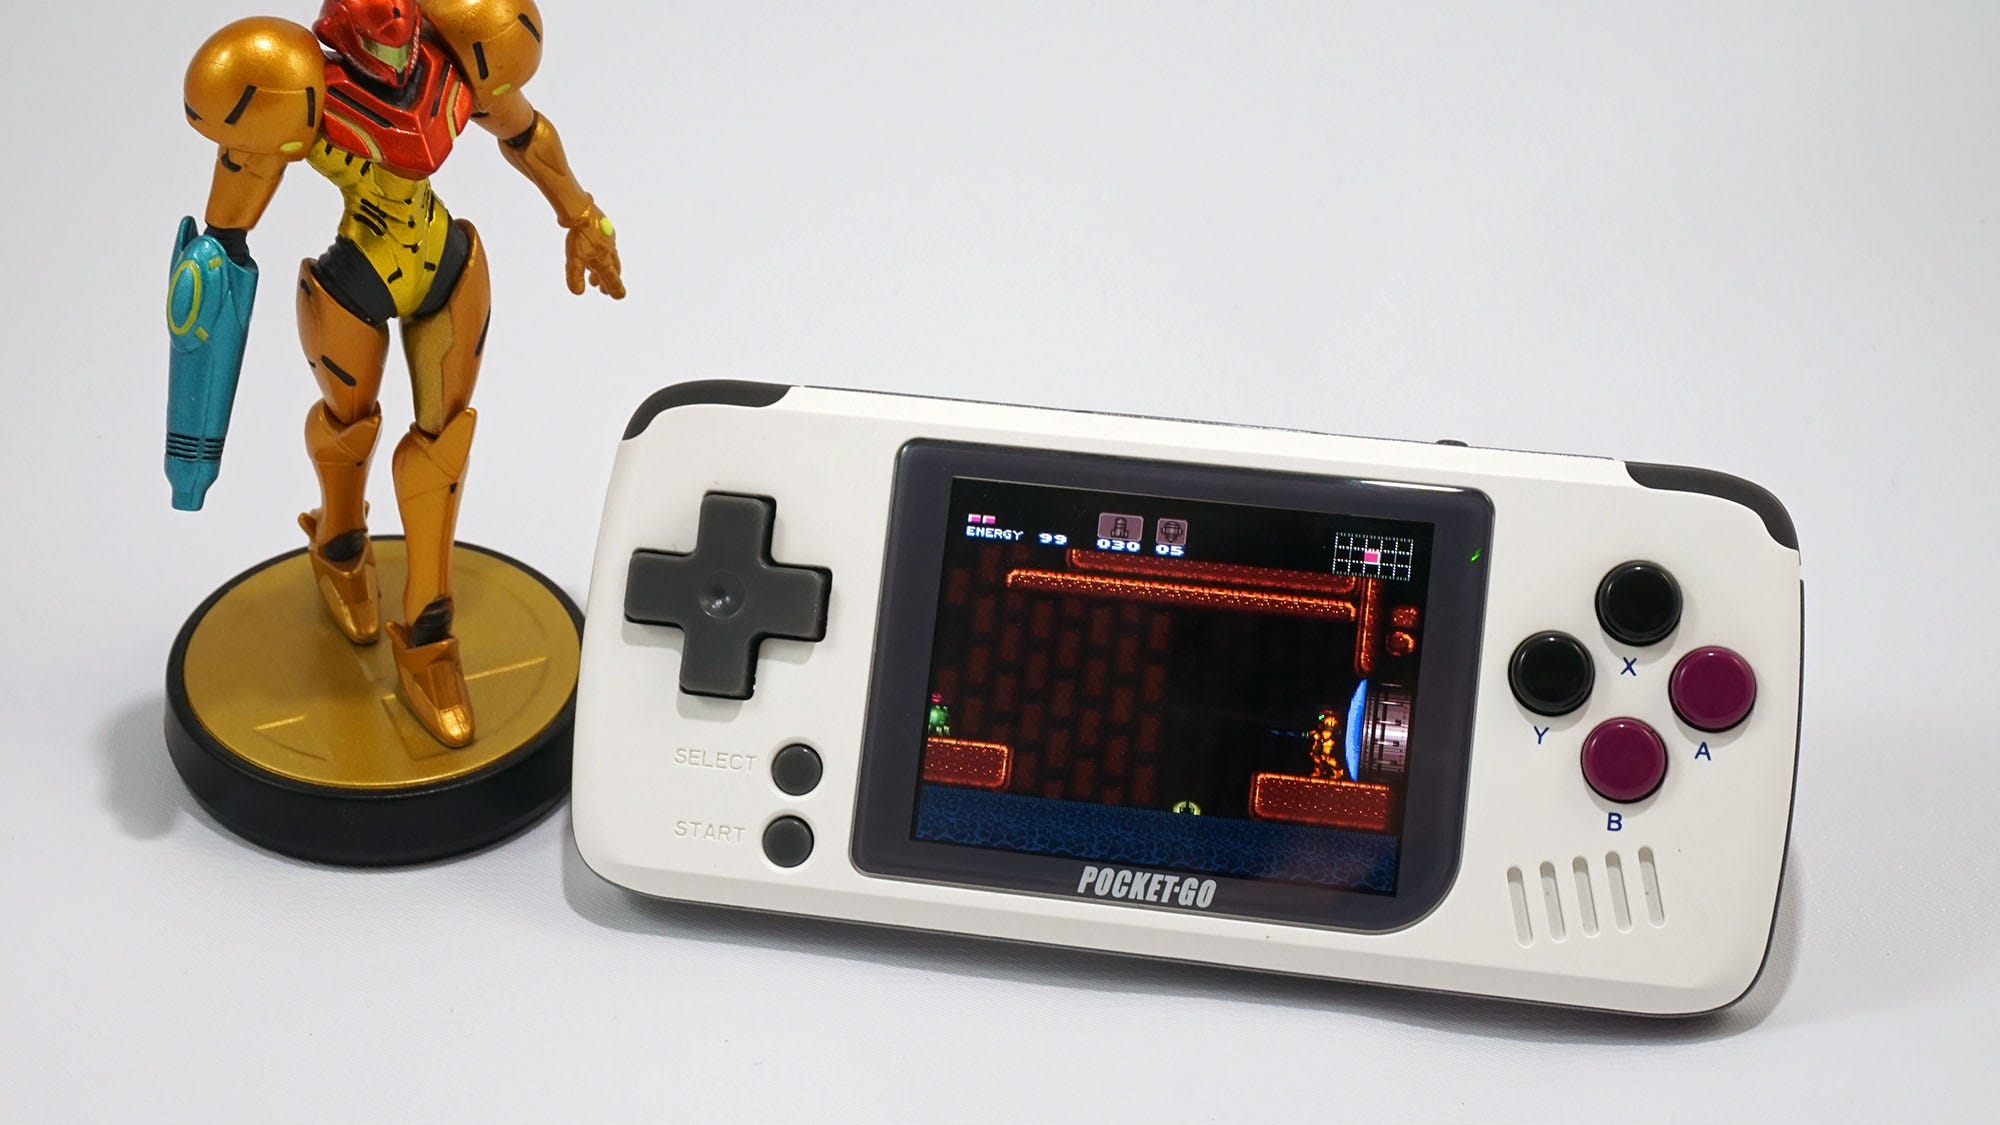 The PocketGo portable game console with a Metroid amiibo.